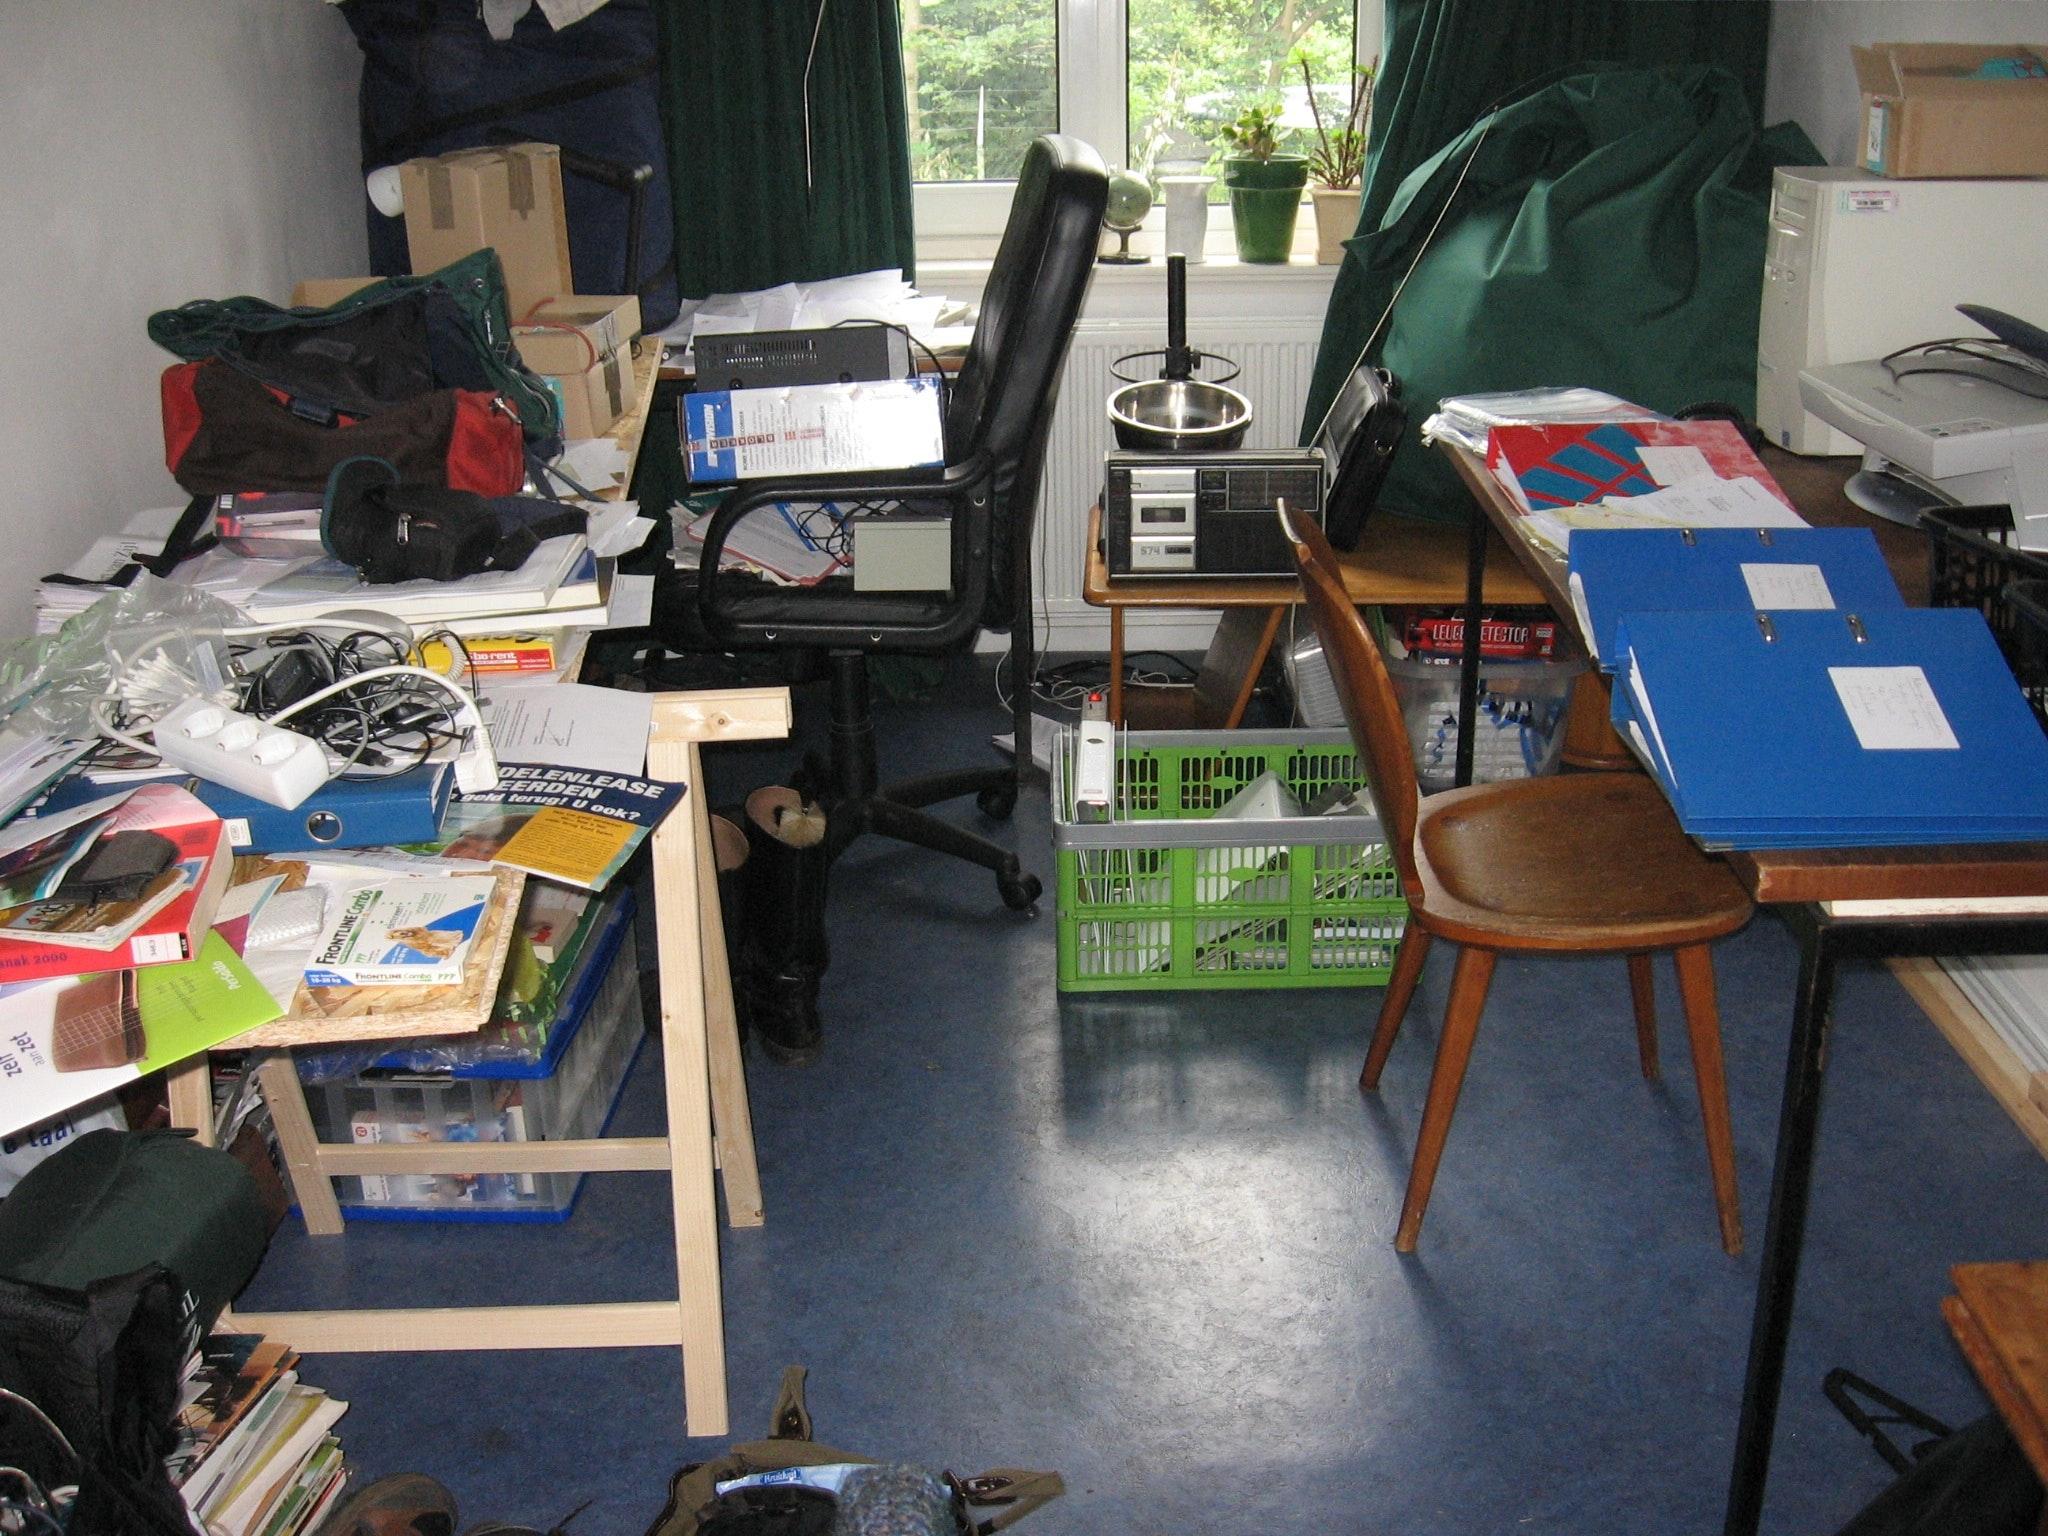 Kostenloses Foto zum Thema: chaos, unordnung, wohnzimmer